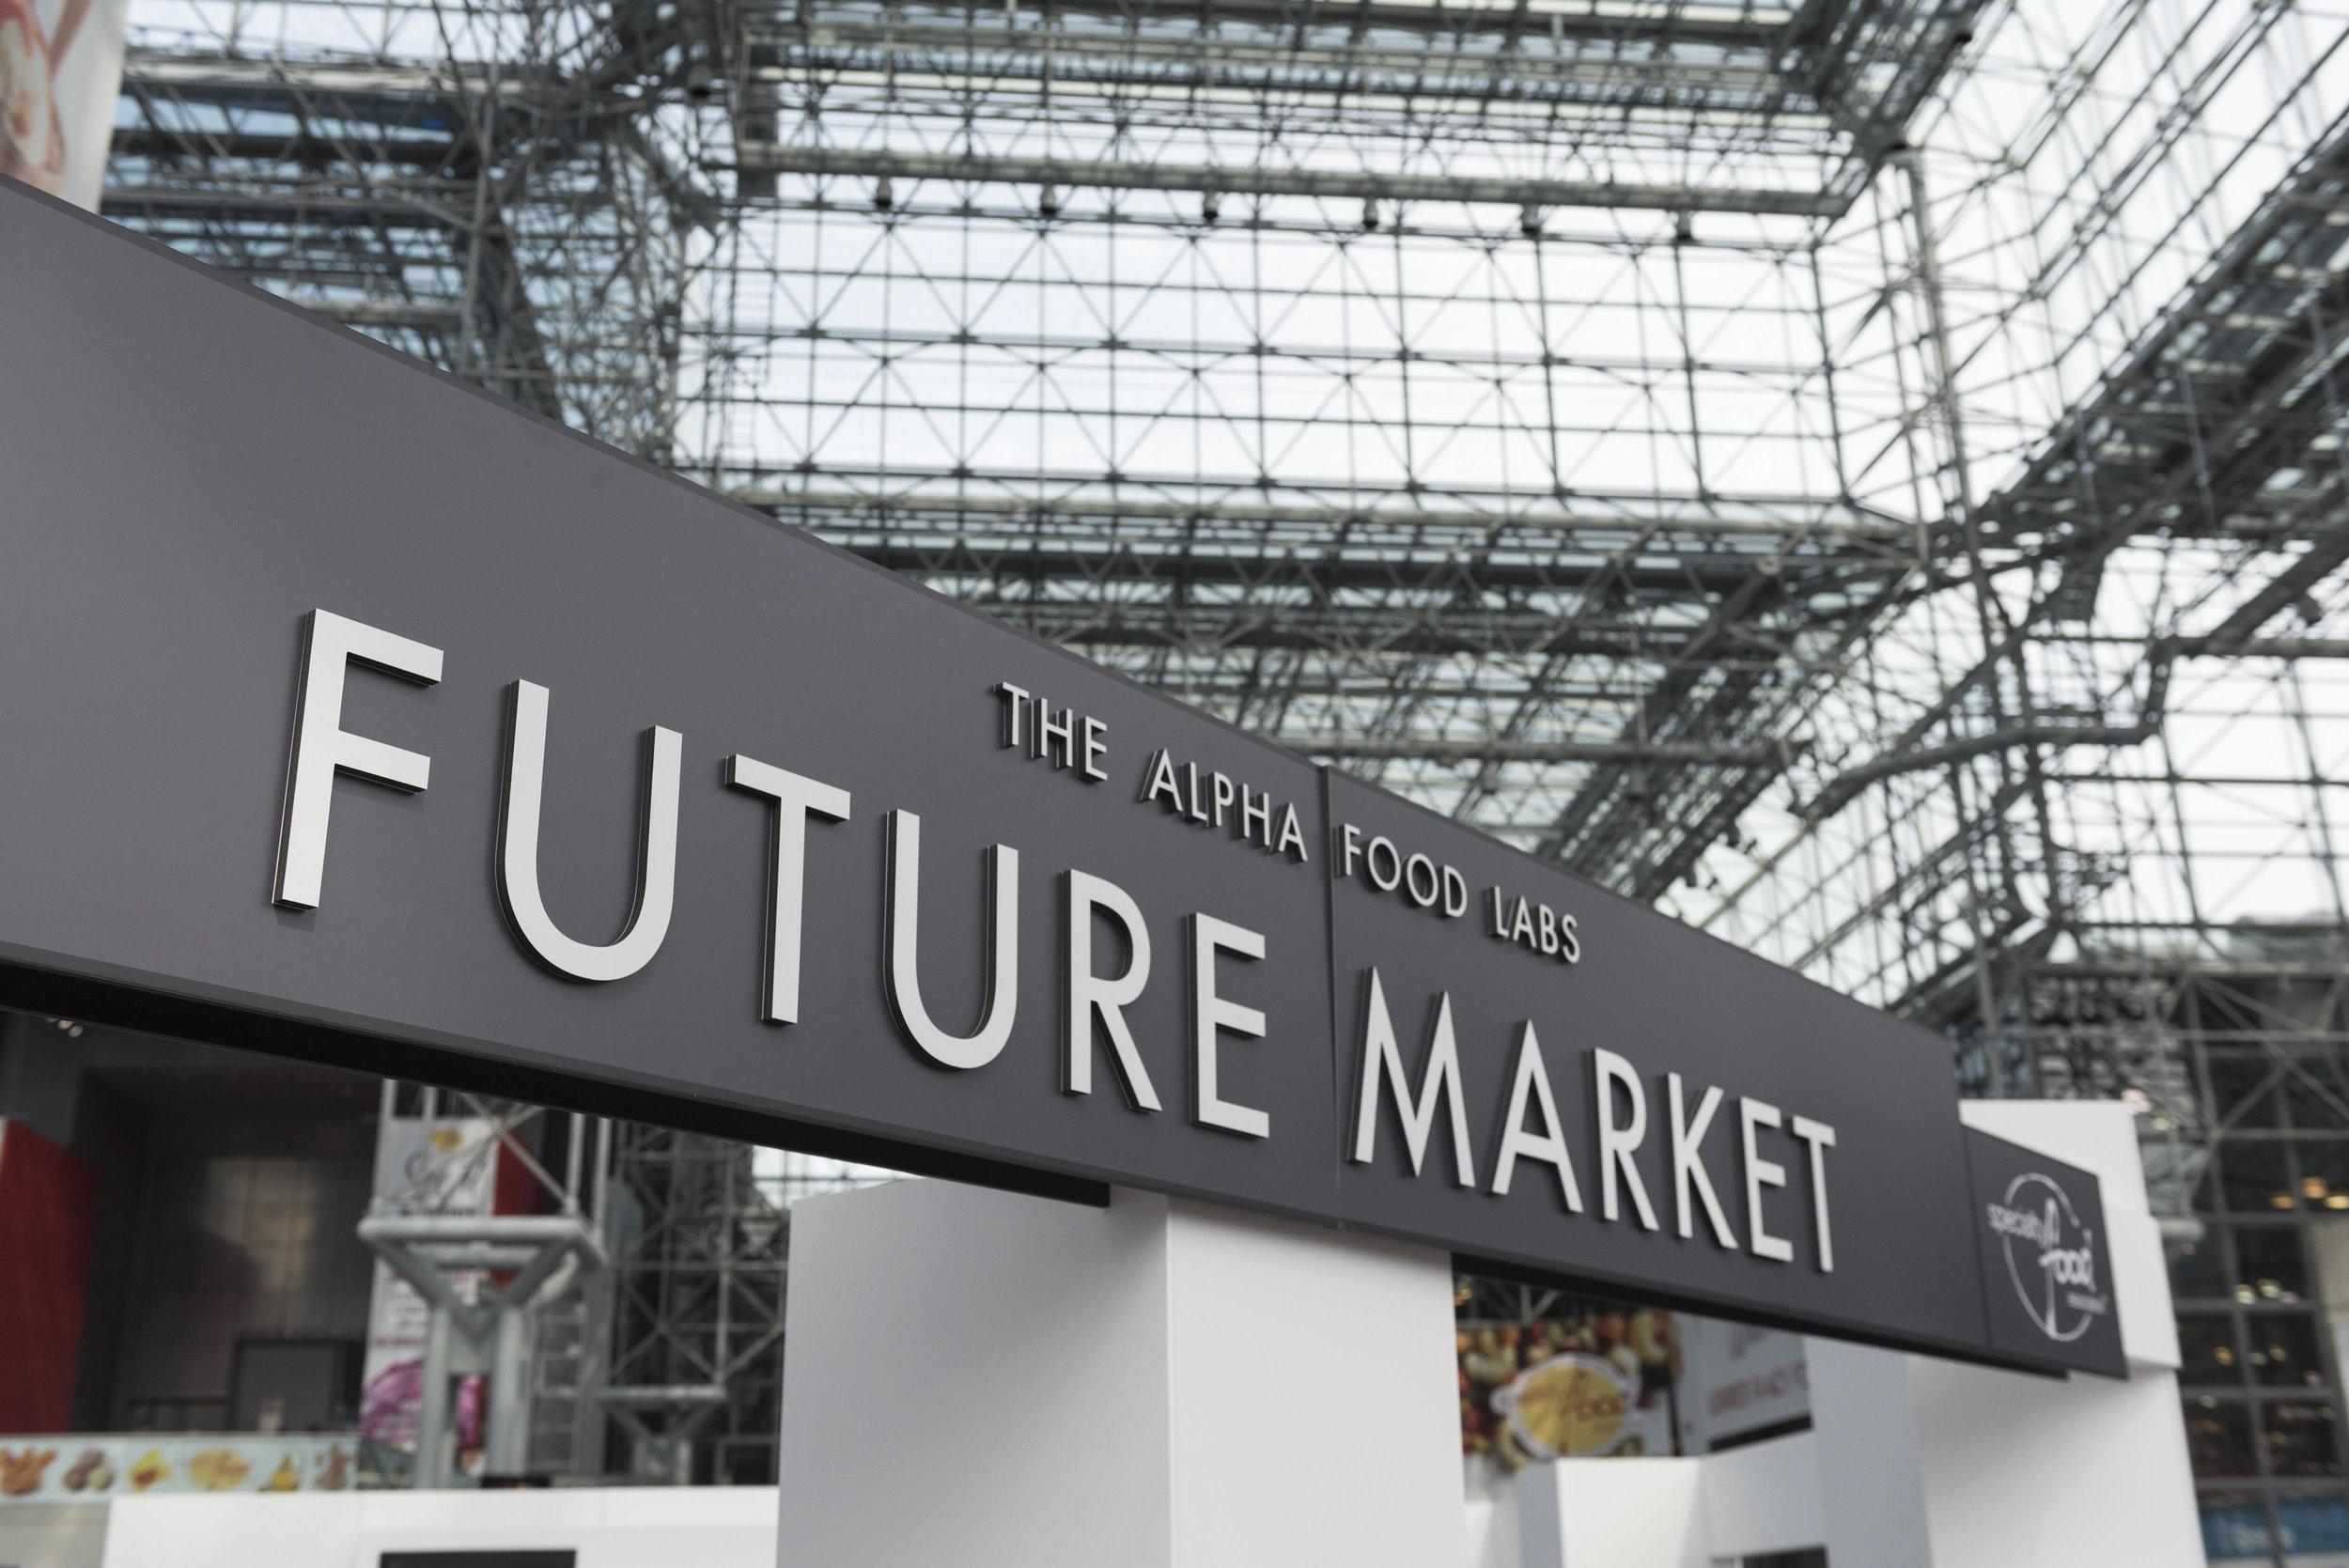 FutureMarket_SFFS_2018-2.jpg